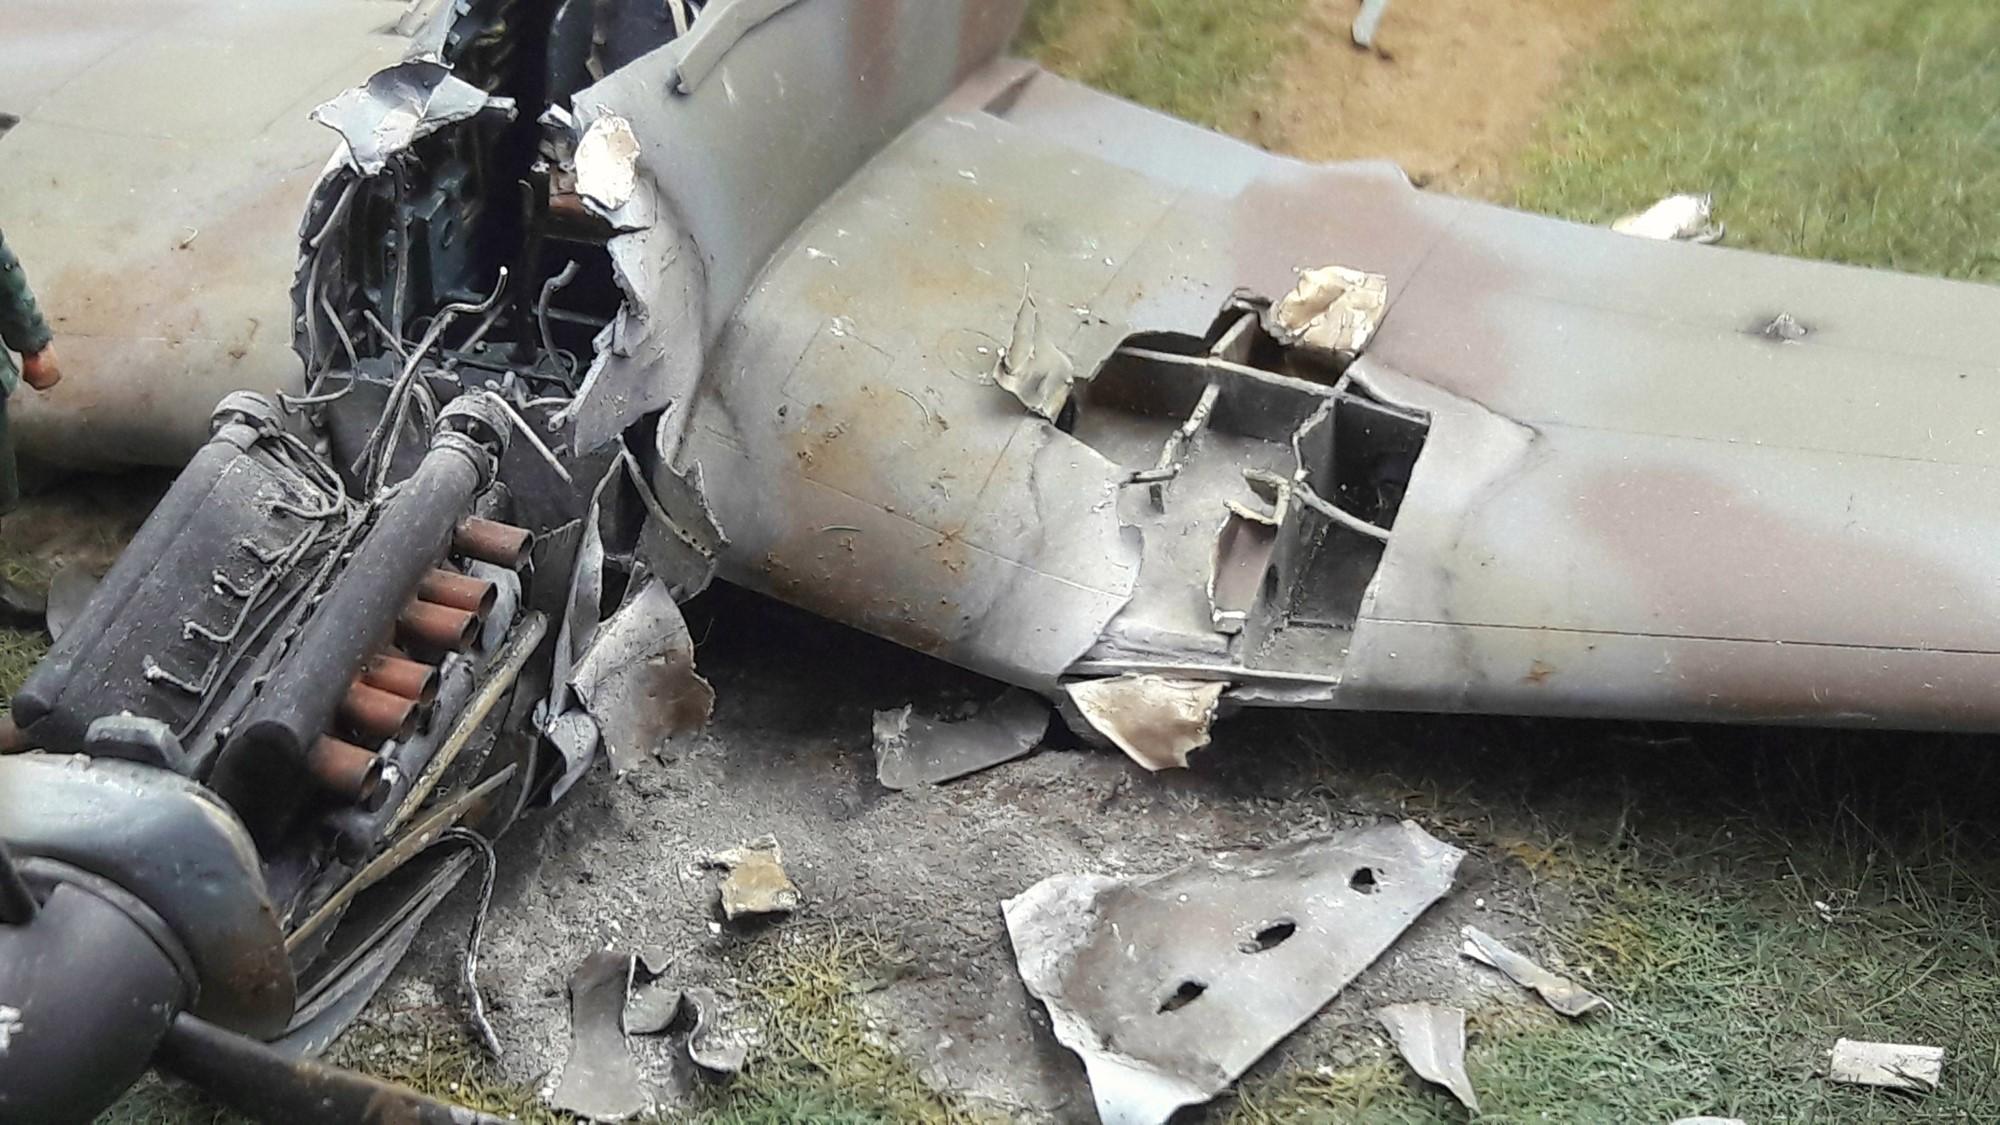 [Concours Aéronavale] Loire Nieuport 401/411 -  Special hobby 1/48 - crash à Villereau -le sacrifice des marins aviateurs du 19 mai 1940 - Mission Berlaimont  Image494